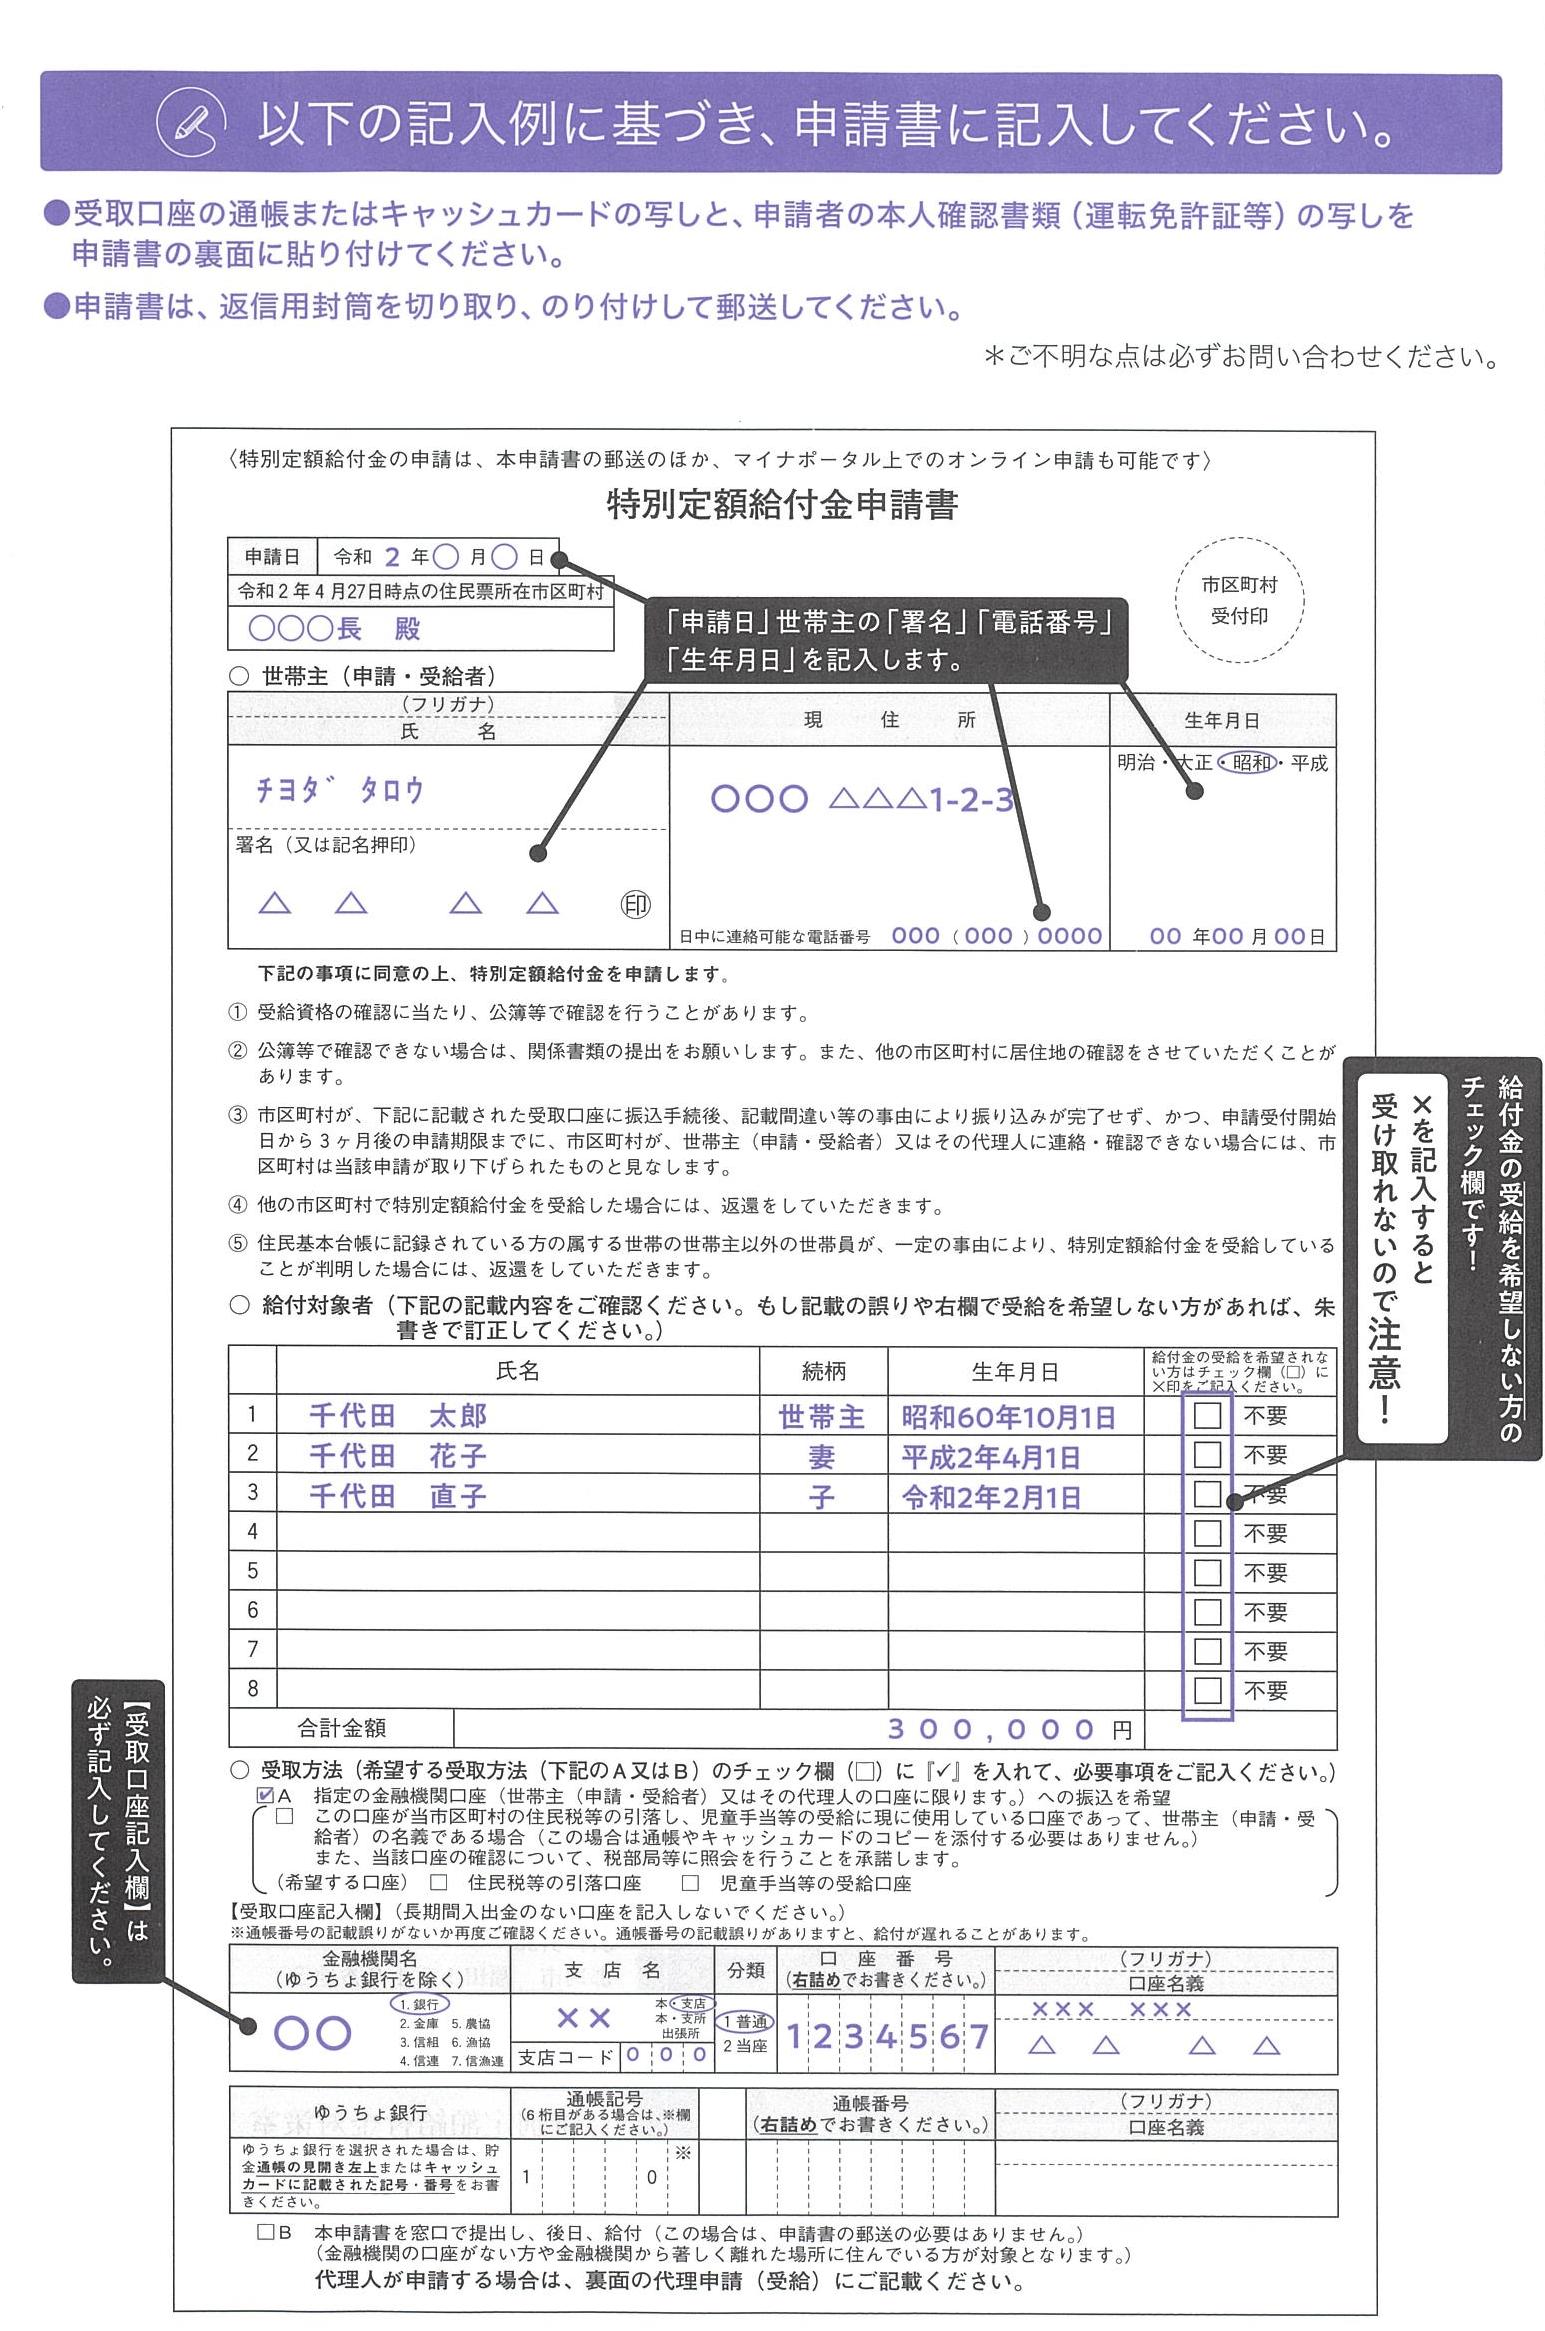 水戸 市 10 万 円 給付